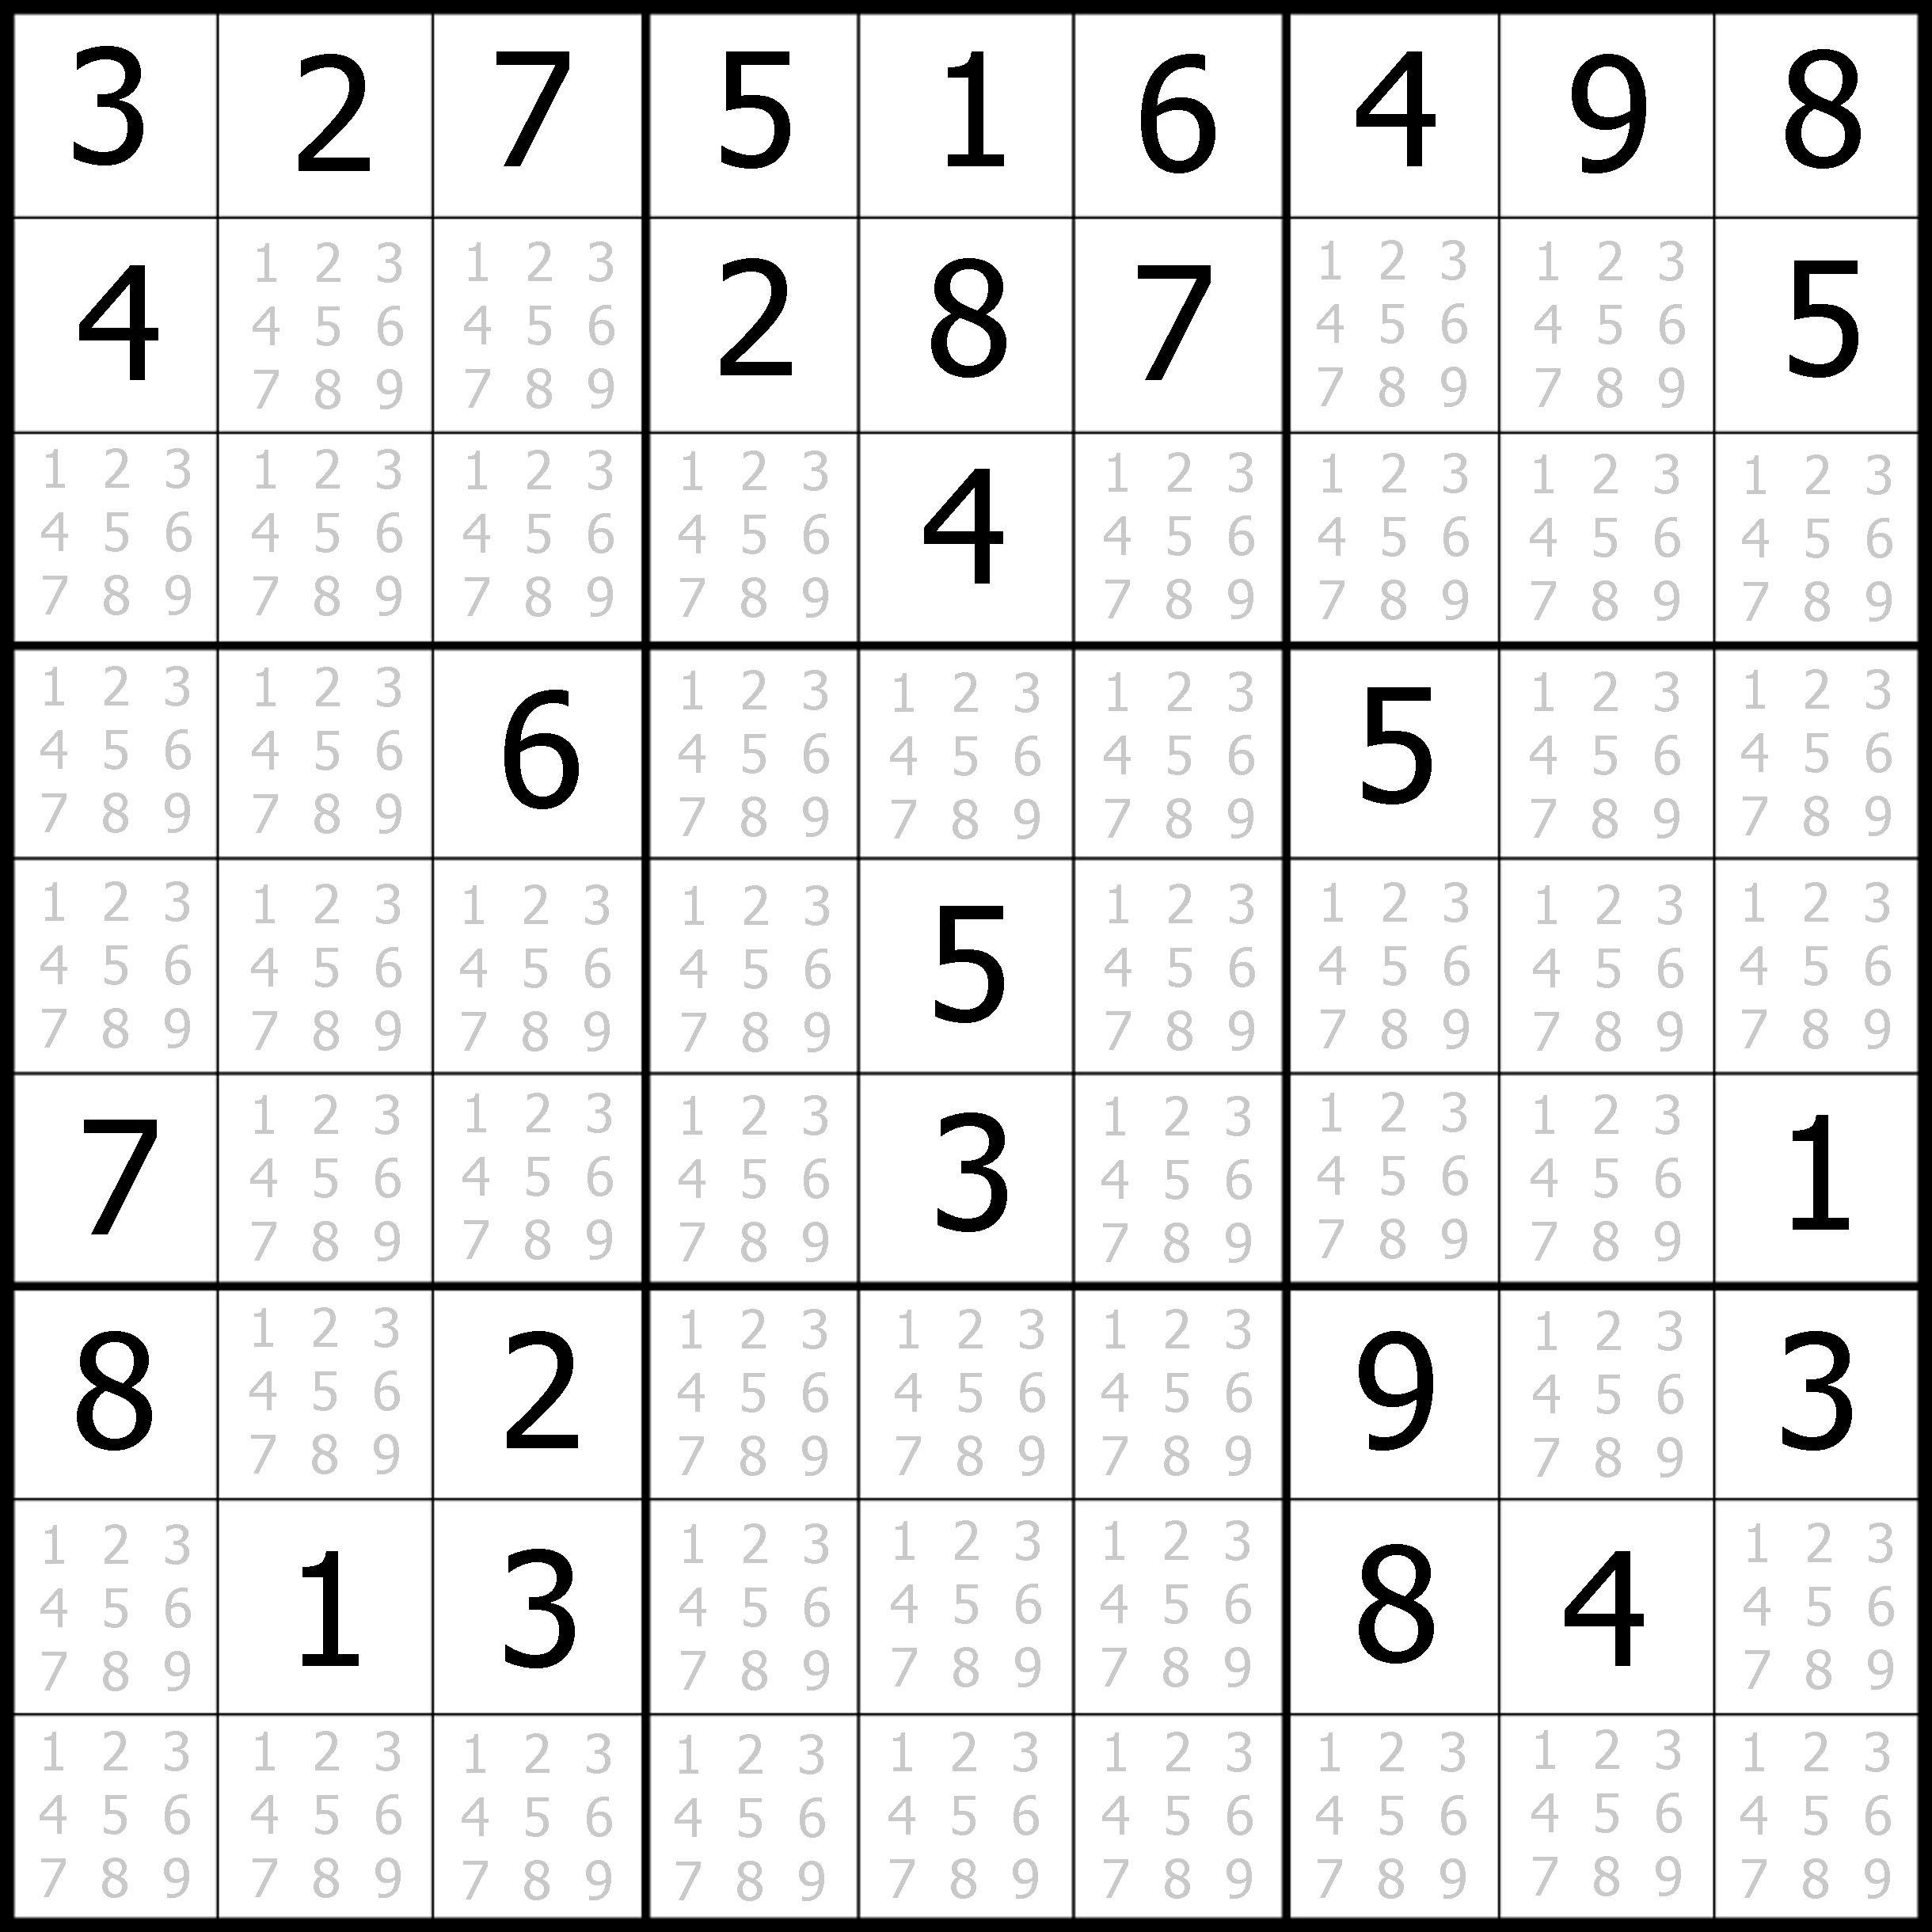 Sudoku Printable | Free, Medium, Printable Sudoku Puzzle #1 | My - Printable Sudoku Puzzle Medium